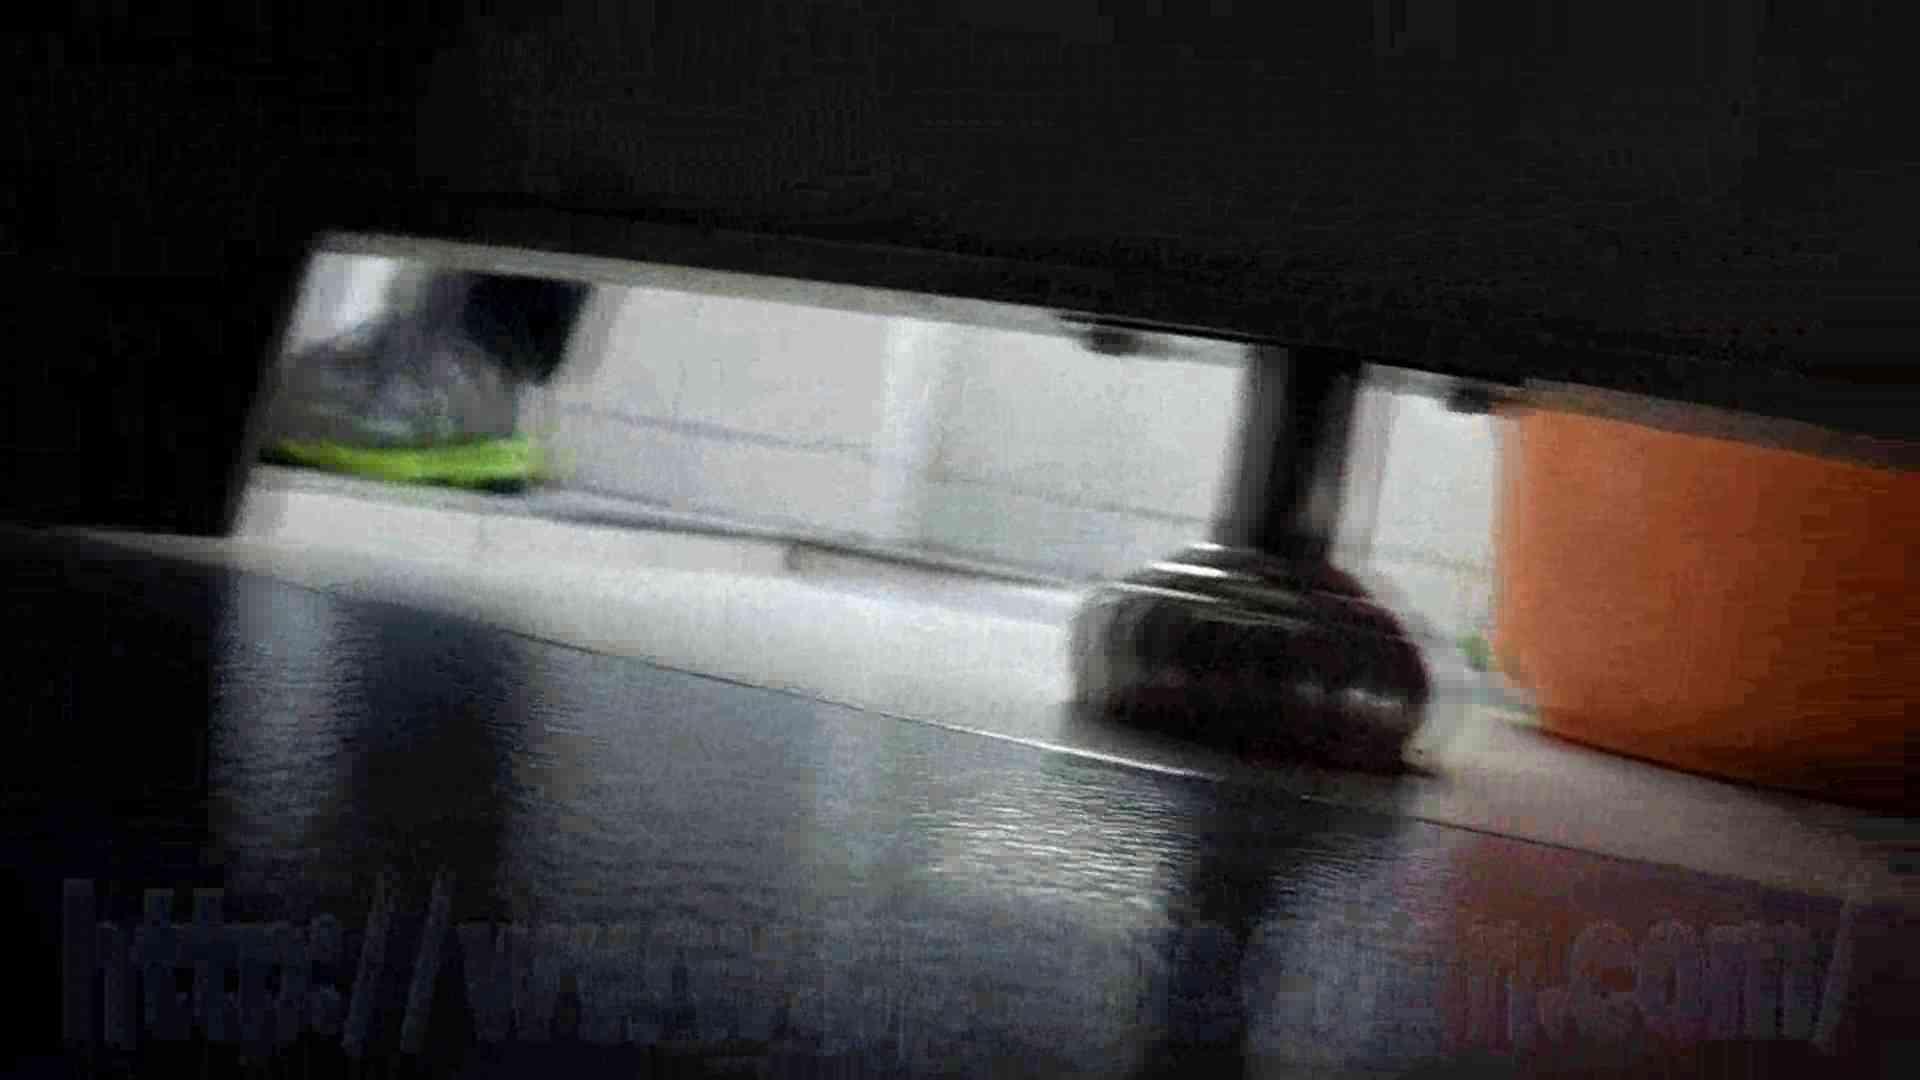 なんだこれVol.12 美魔女登場、 HD万歳!! 違いが判る映像美!! 美しいOLの裸体  94pic 36